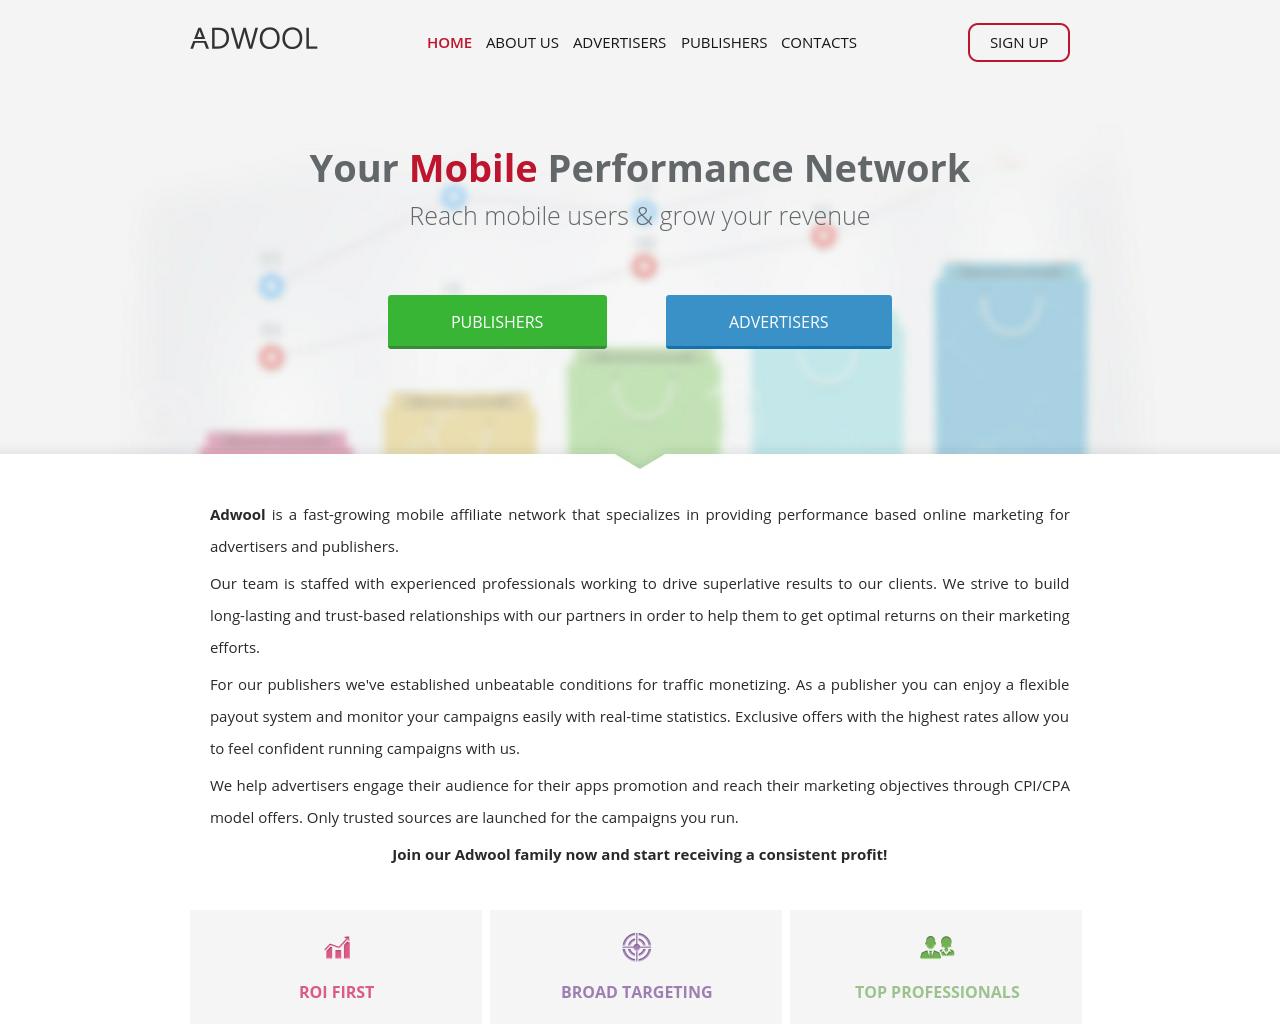 Adwool-Advertising-Reviews-Pricing